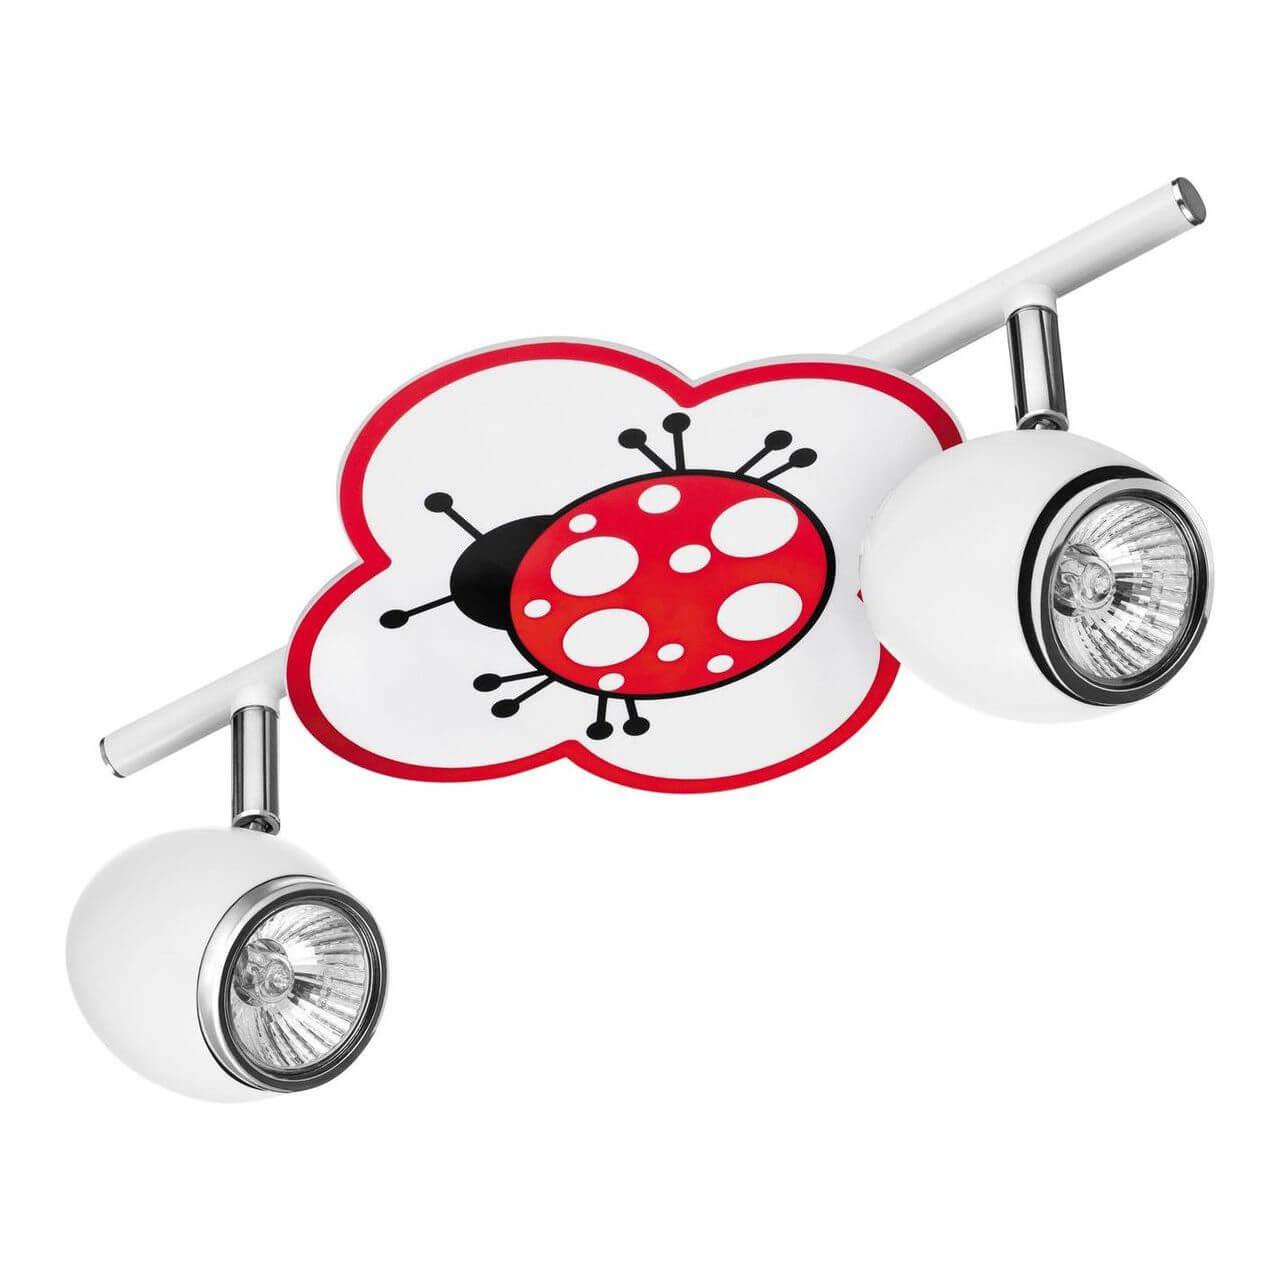 купить Светодиодный спот Britop Fly 2209202 дешево